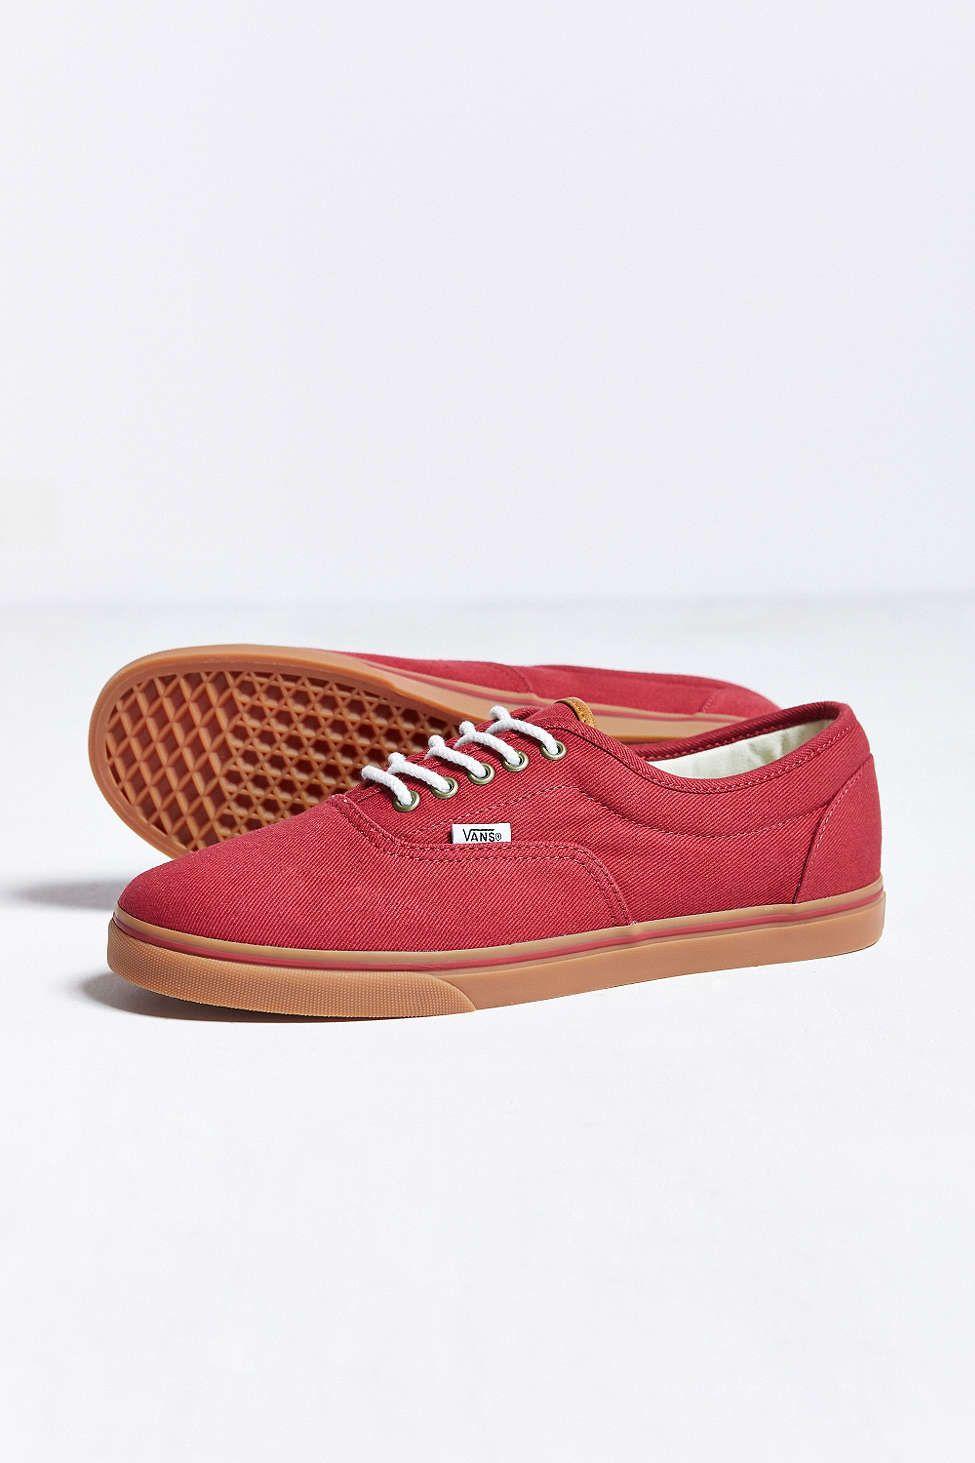 5d719f43c2 Vans LPE Gum Sole Men s Sneaker